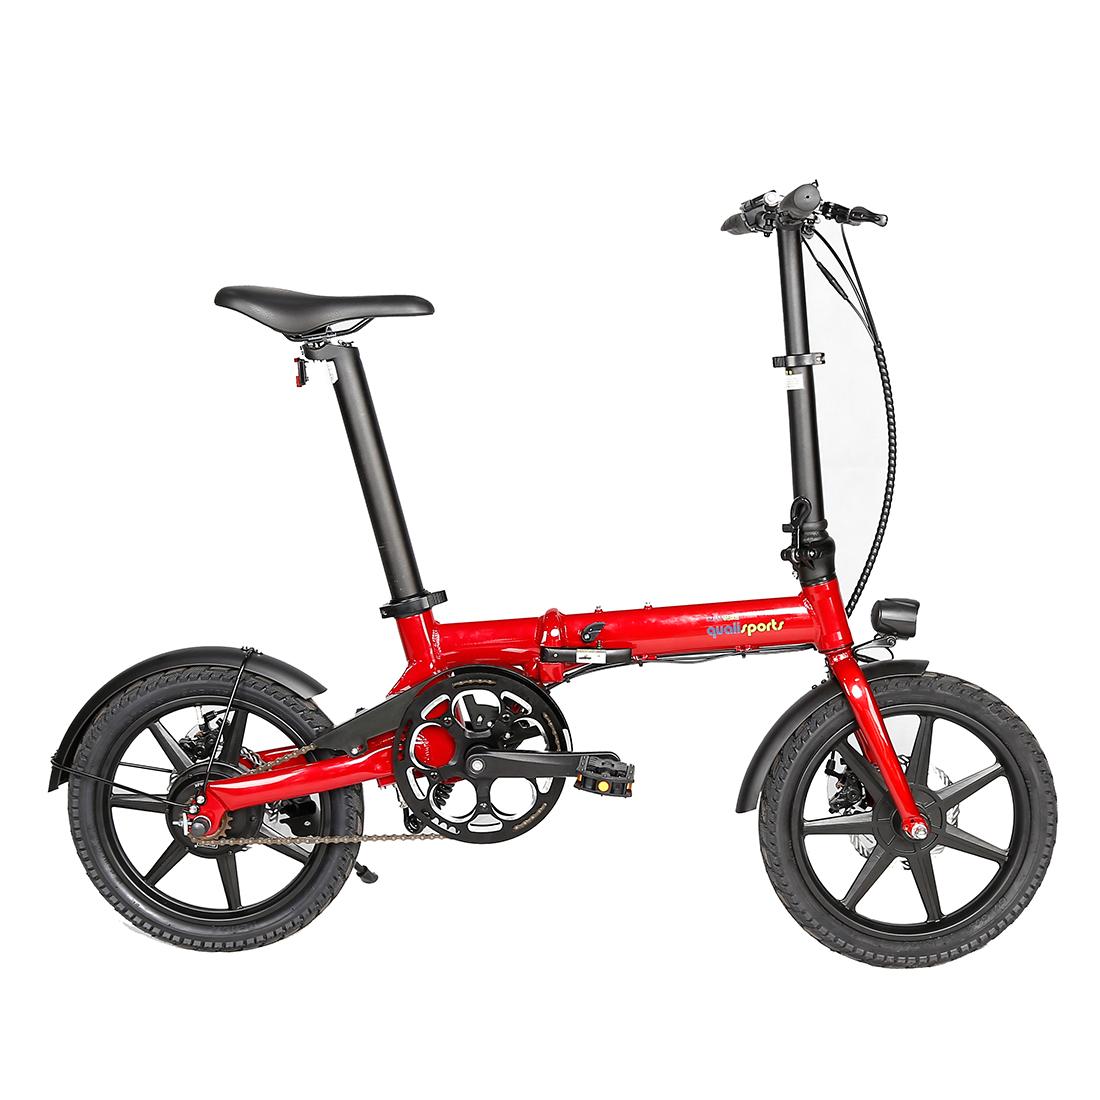 新作からSALEアイテム等お得な商品満載 電動アシスト自転車「Qualisports TBM-Q1」型式認定モデル 16インチ オリジナルカラー美しいつや 折りたたみタイプ ミニベロ 6色 スマホ充電機能付 16インチ 6色, 携帯スリッパ屋さん。:ccb777f1 --- unlimitedrobuxgenerator.com